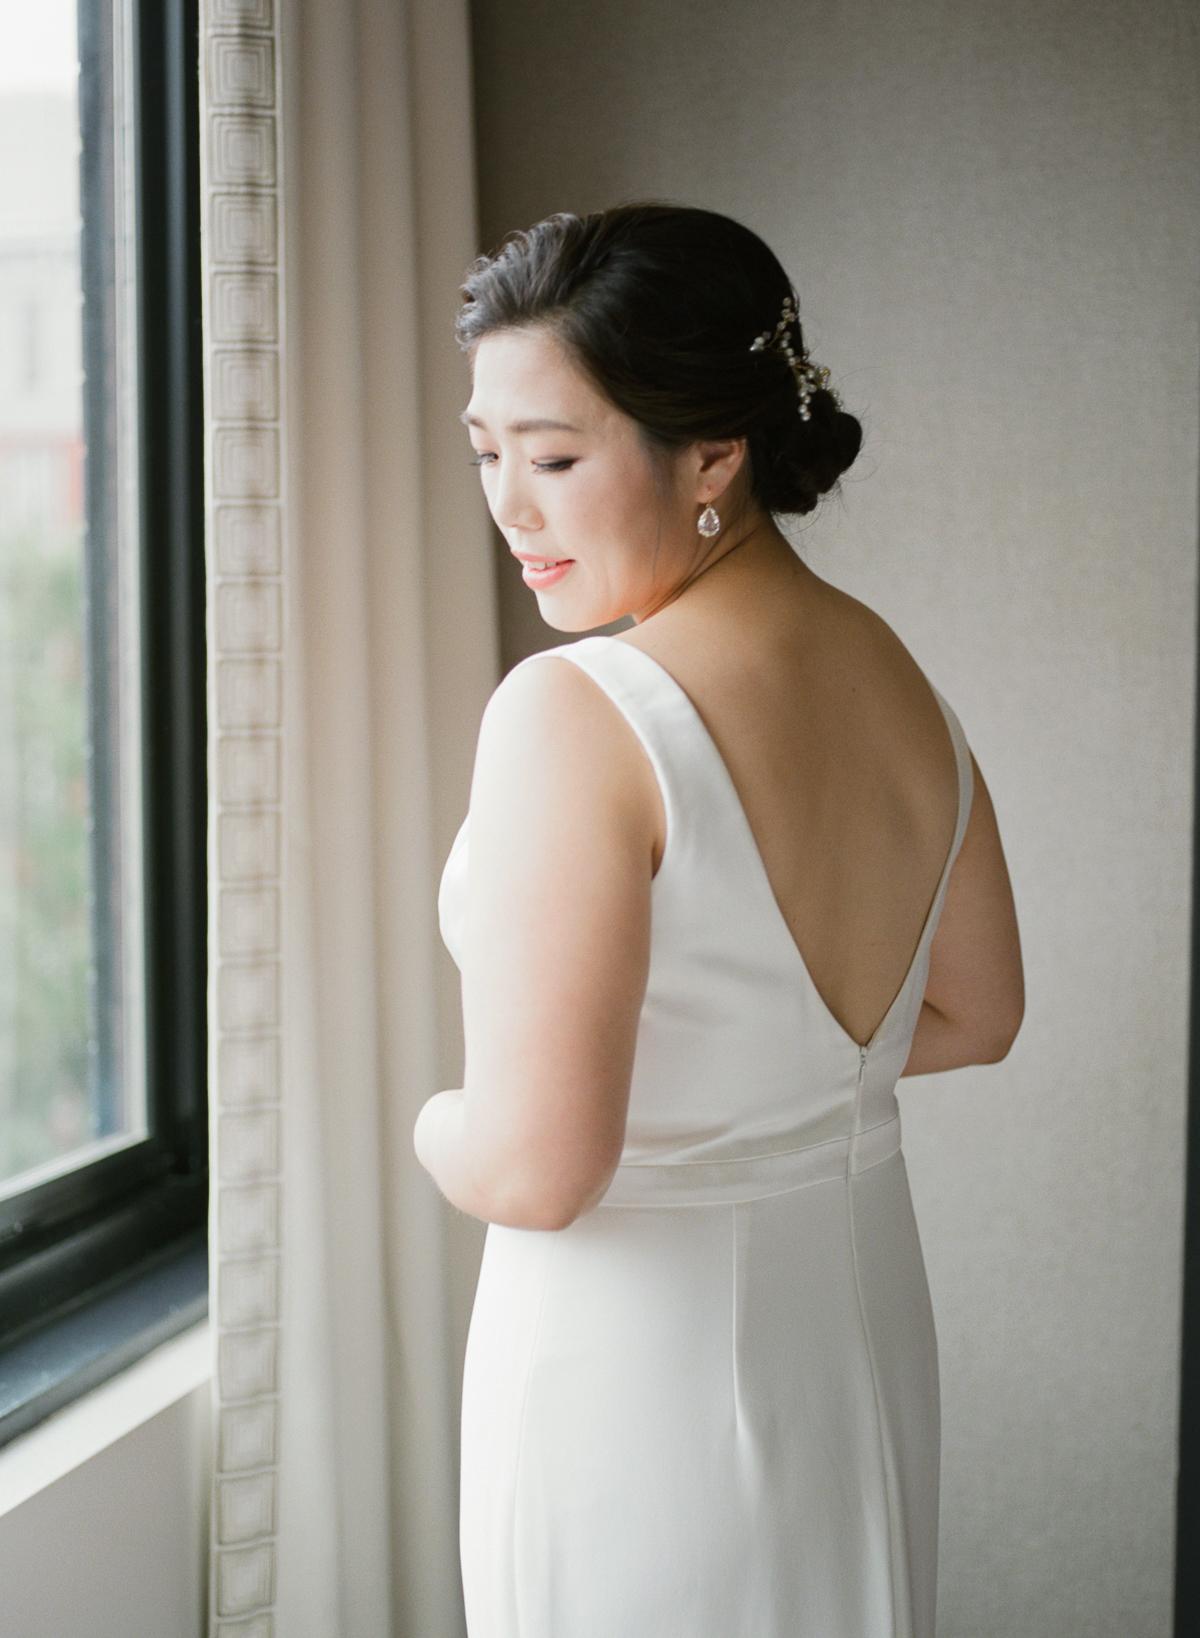 DC-Fall-Wedding-Fathom-Gallery-Bride-Details-2.jpg